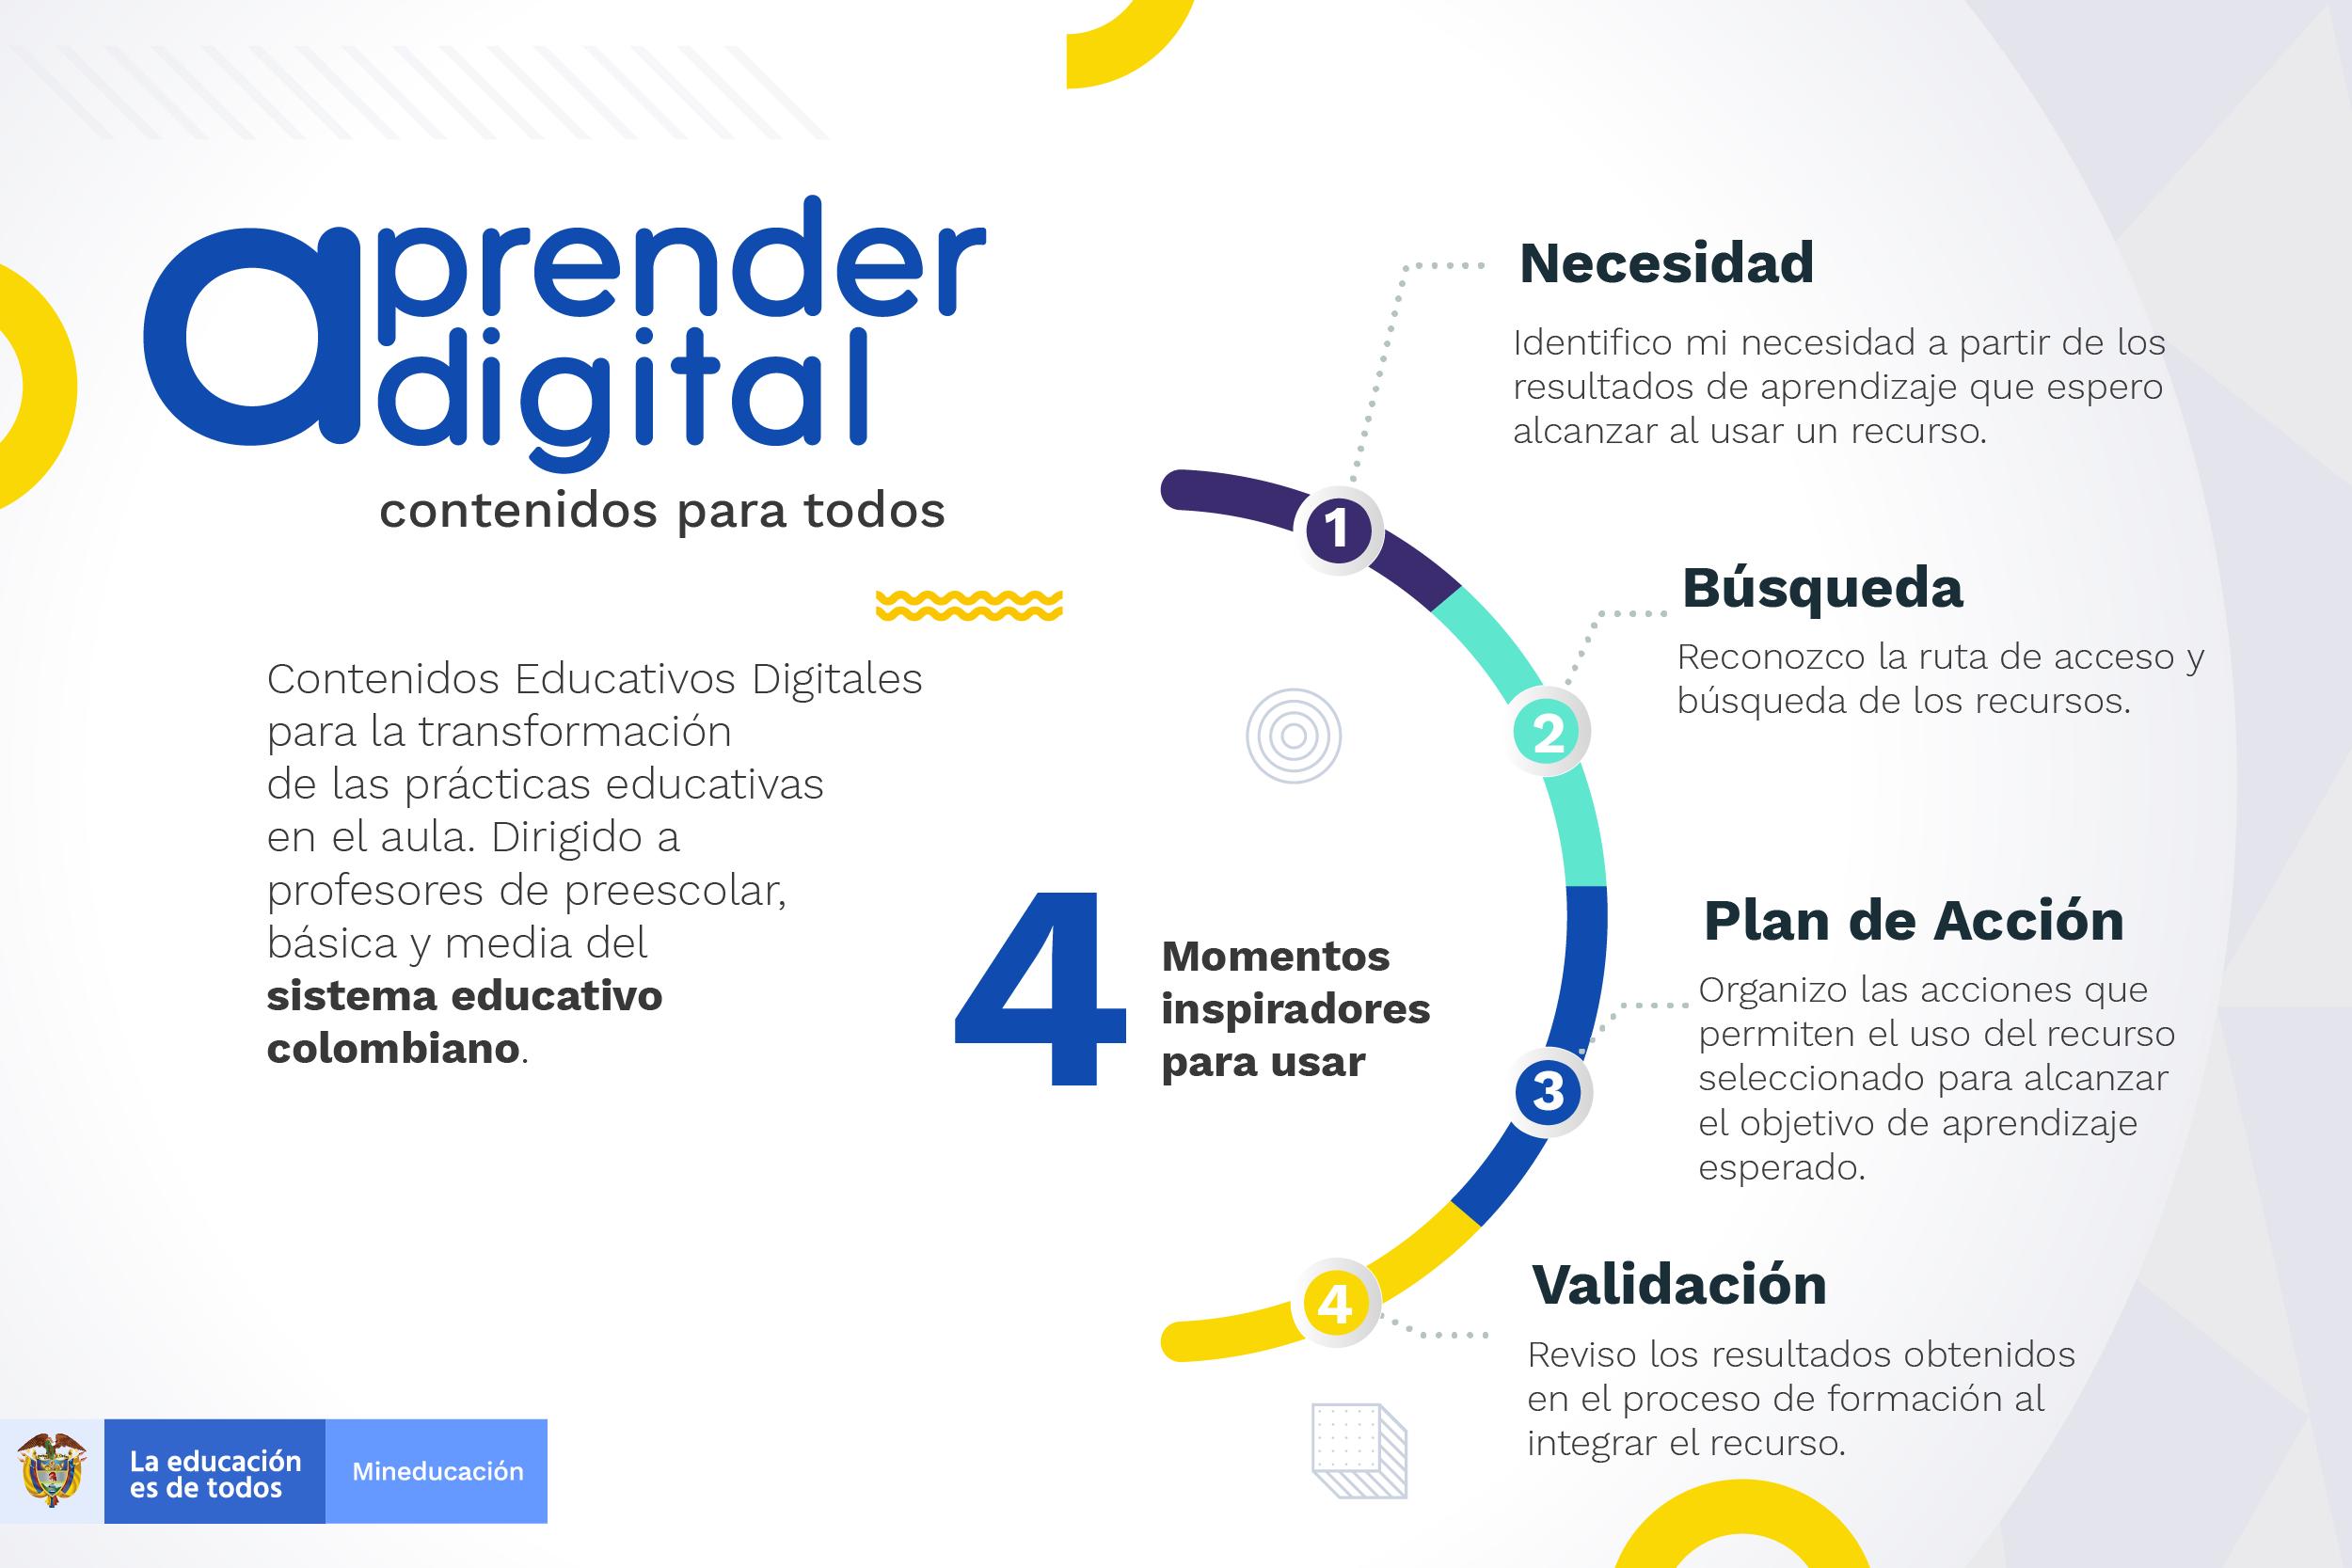 Infografía sobre el proceso de gestión de contenidos